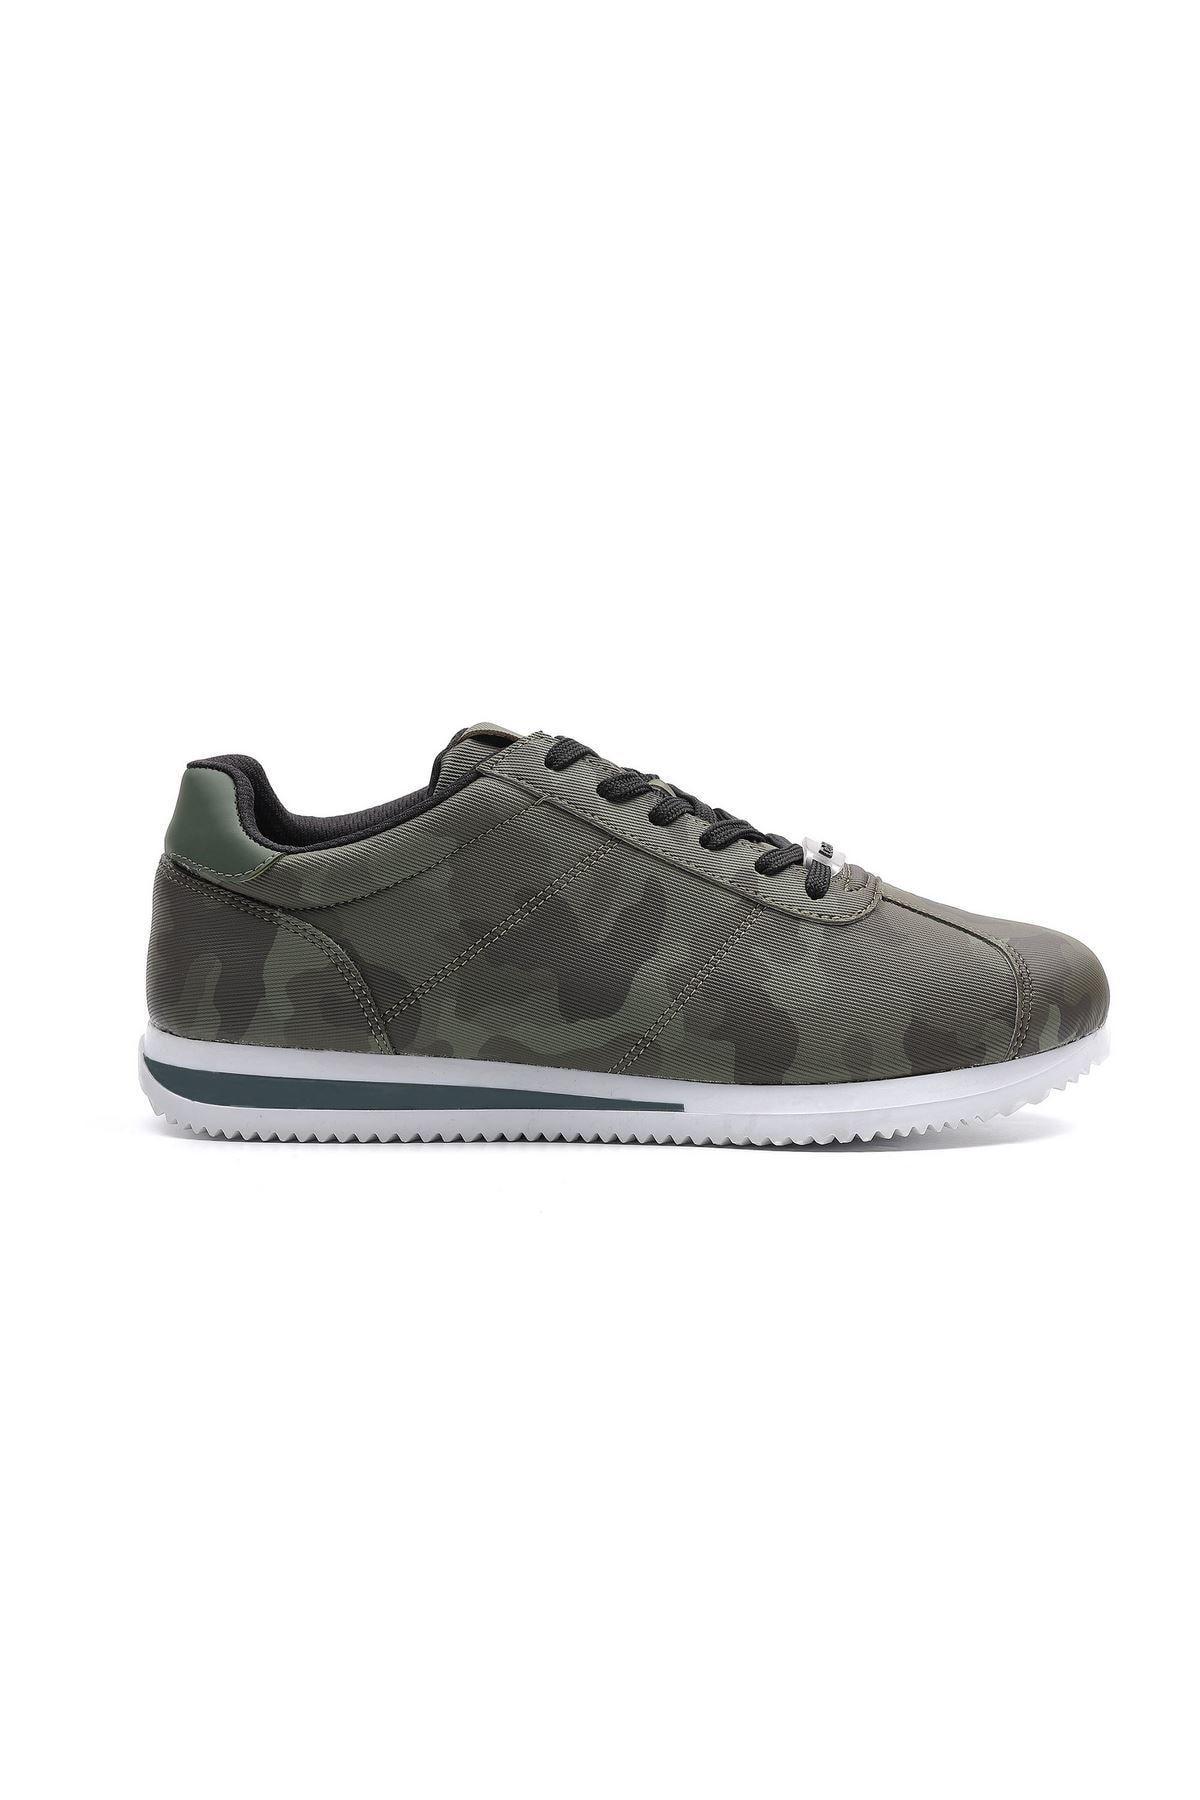 LETOON Unisex Casual Ayakkabı - 7122GR 0